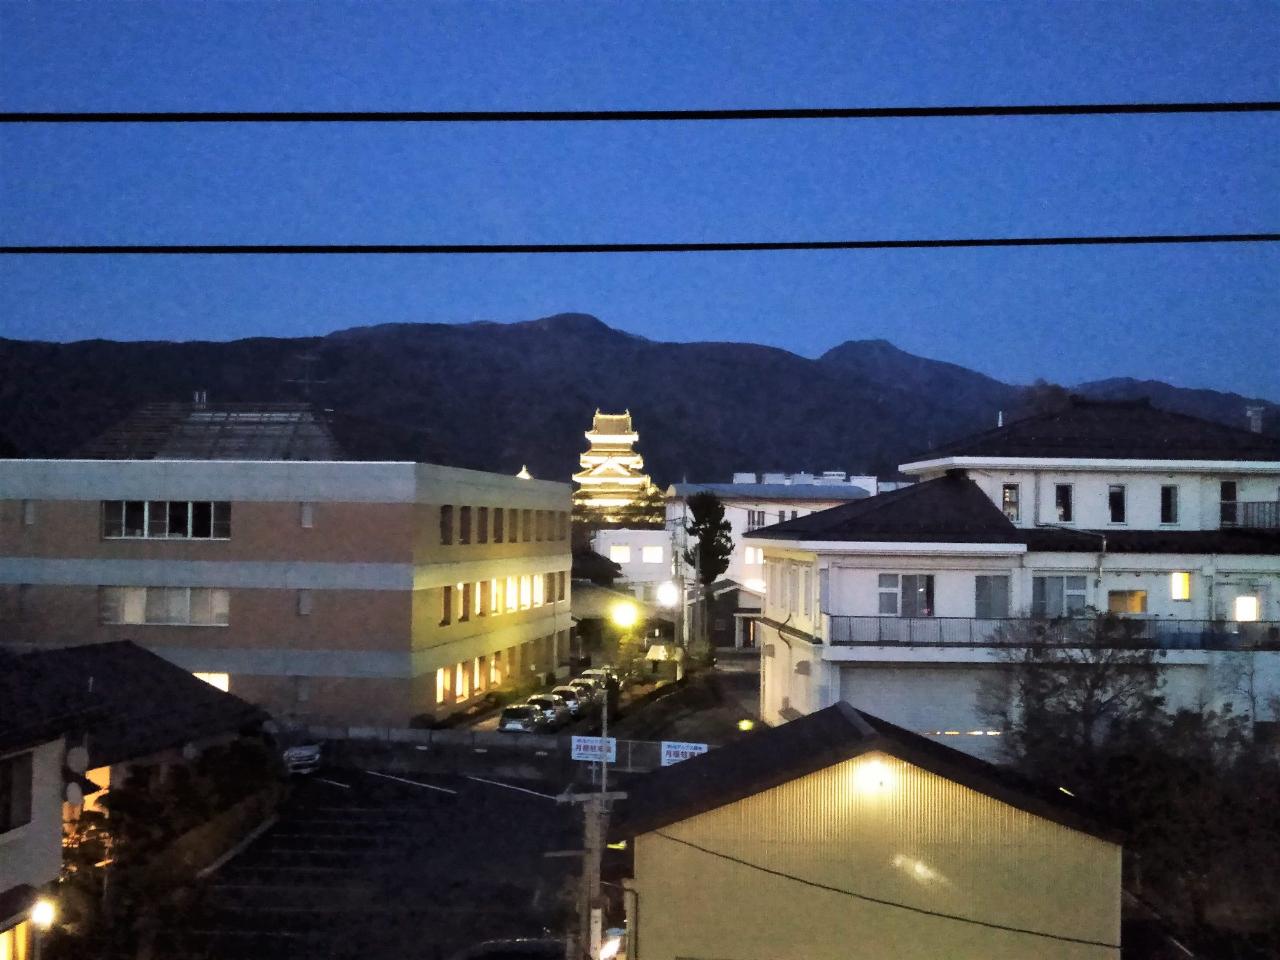 国宝・松本城を望むネオ・ビンテージなホテルに泊まってみた【ザ・セレクトン松本】 画像1